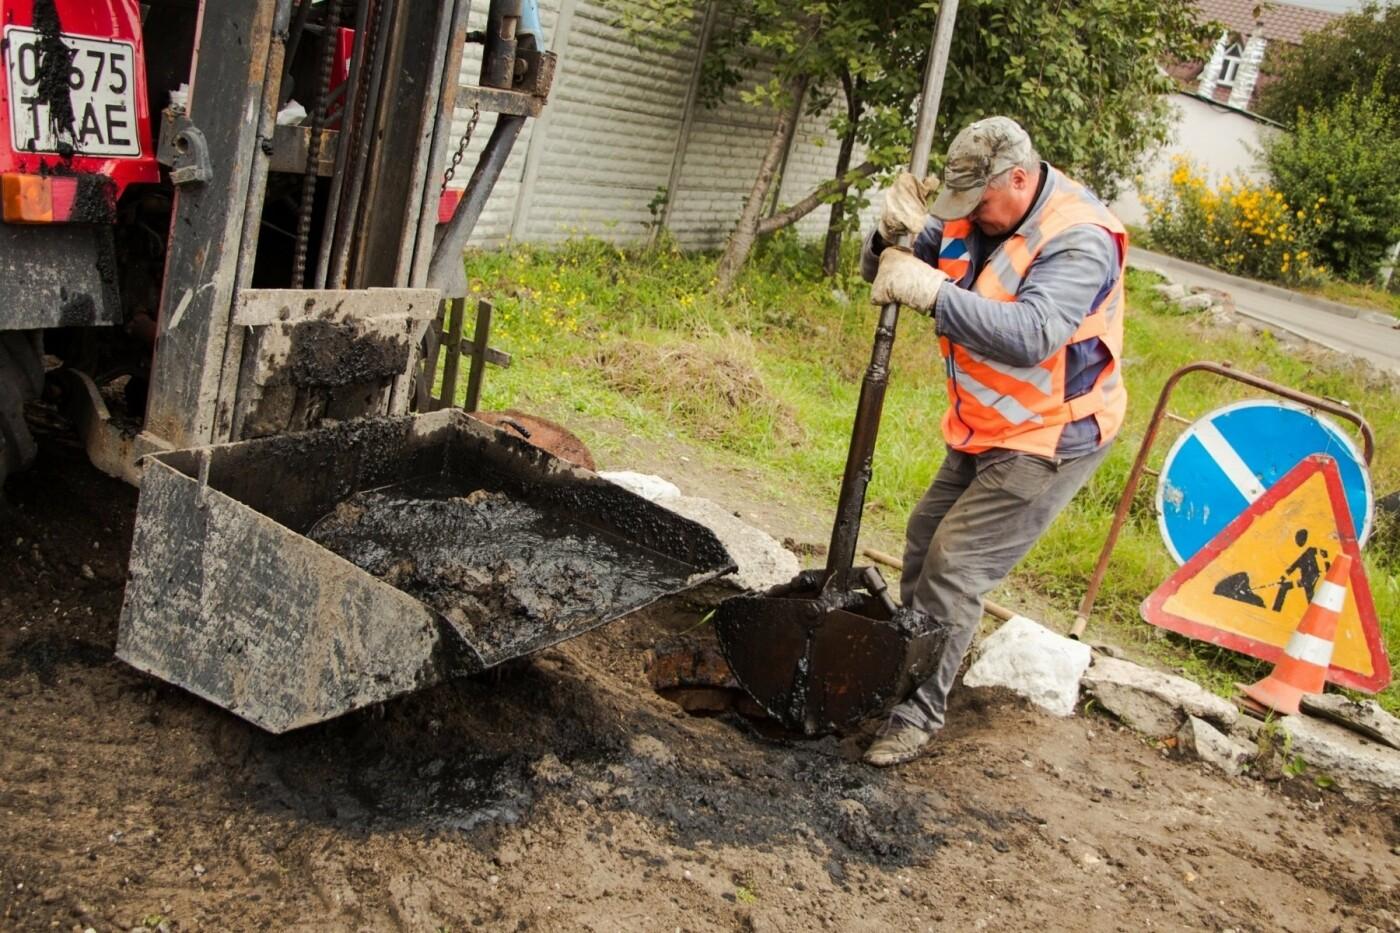 В Днепре проводят плановые чистки сетей понижения и отвода воды, - ФОТО, фото-2